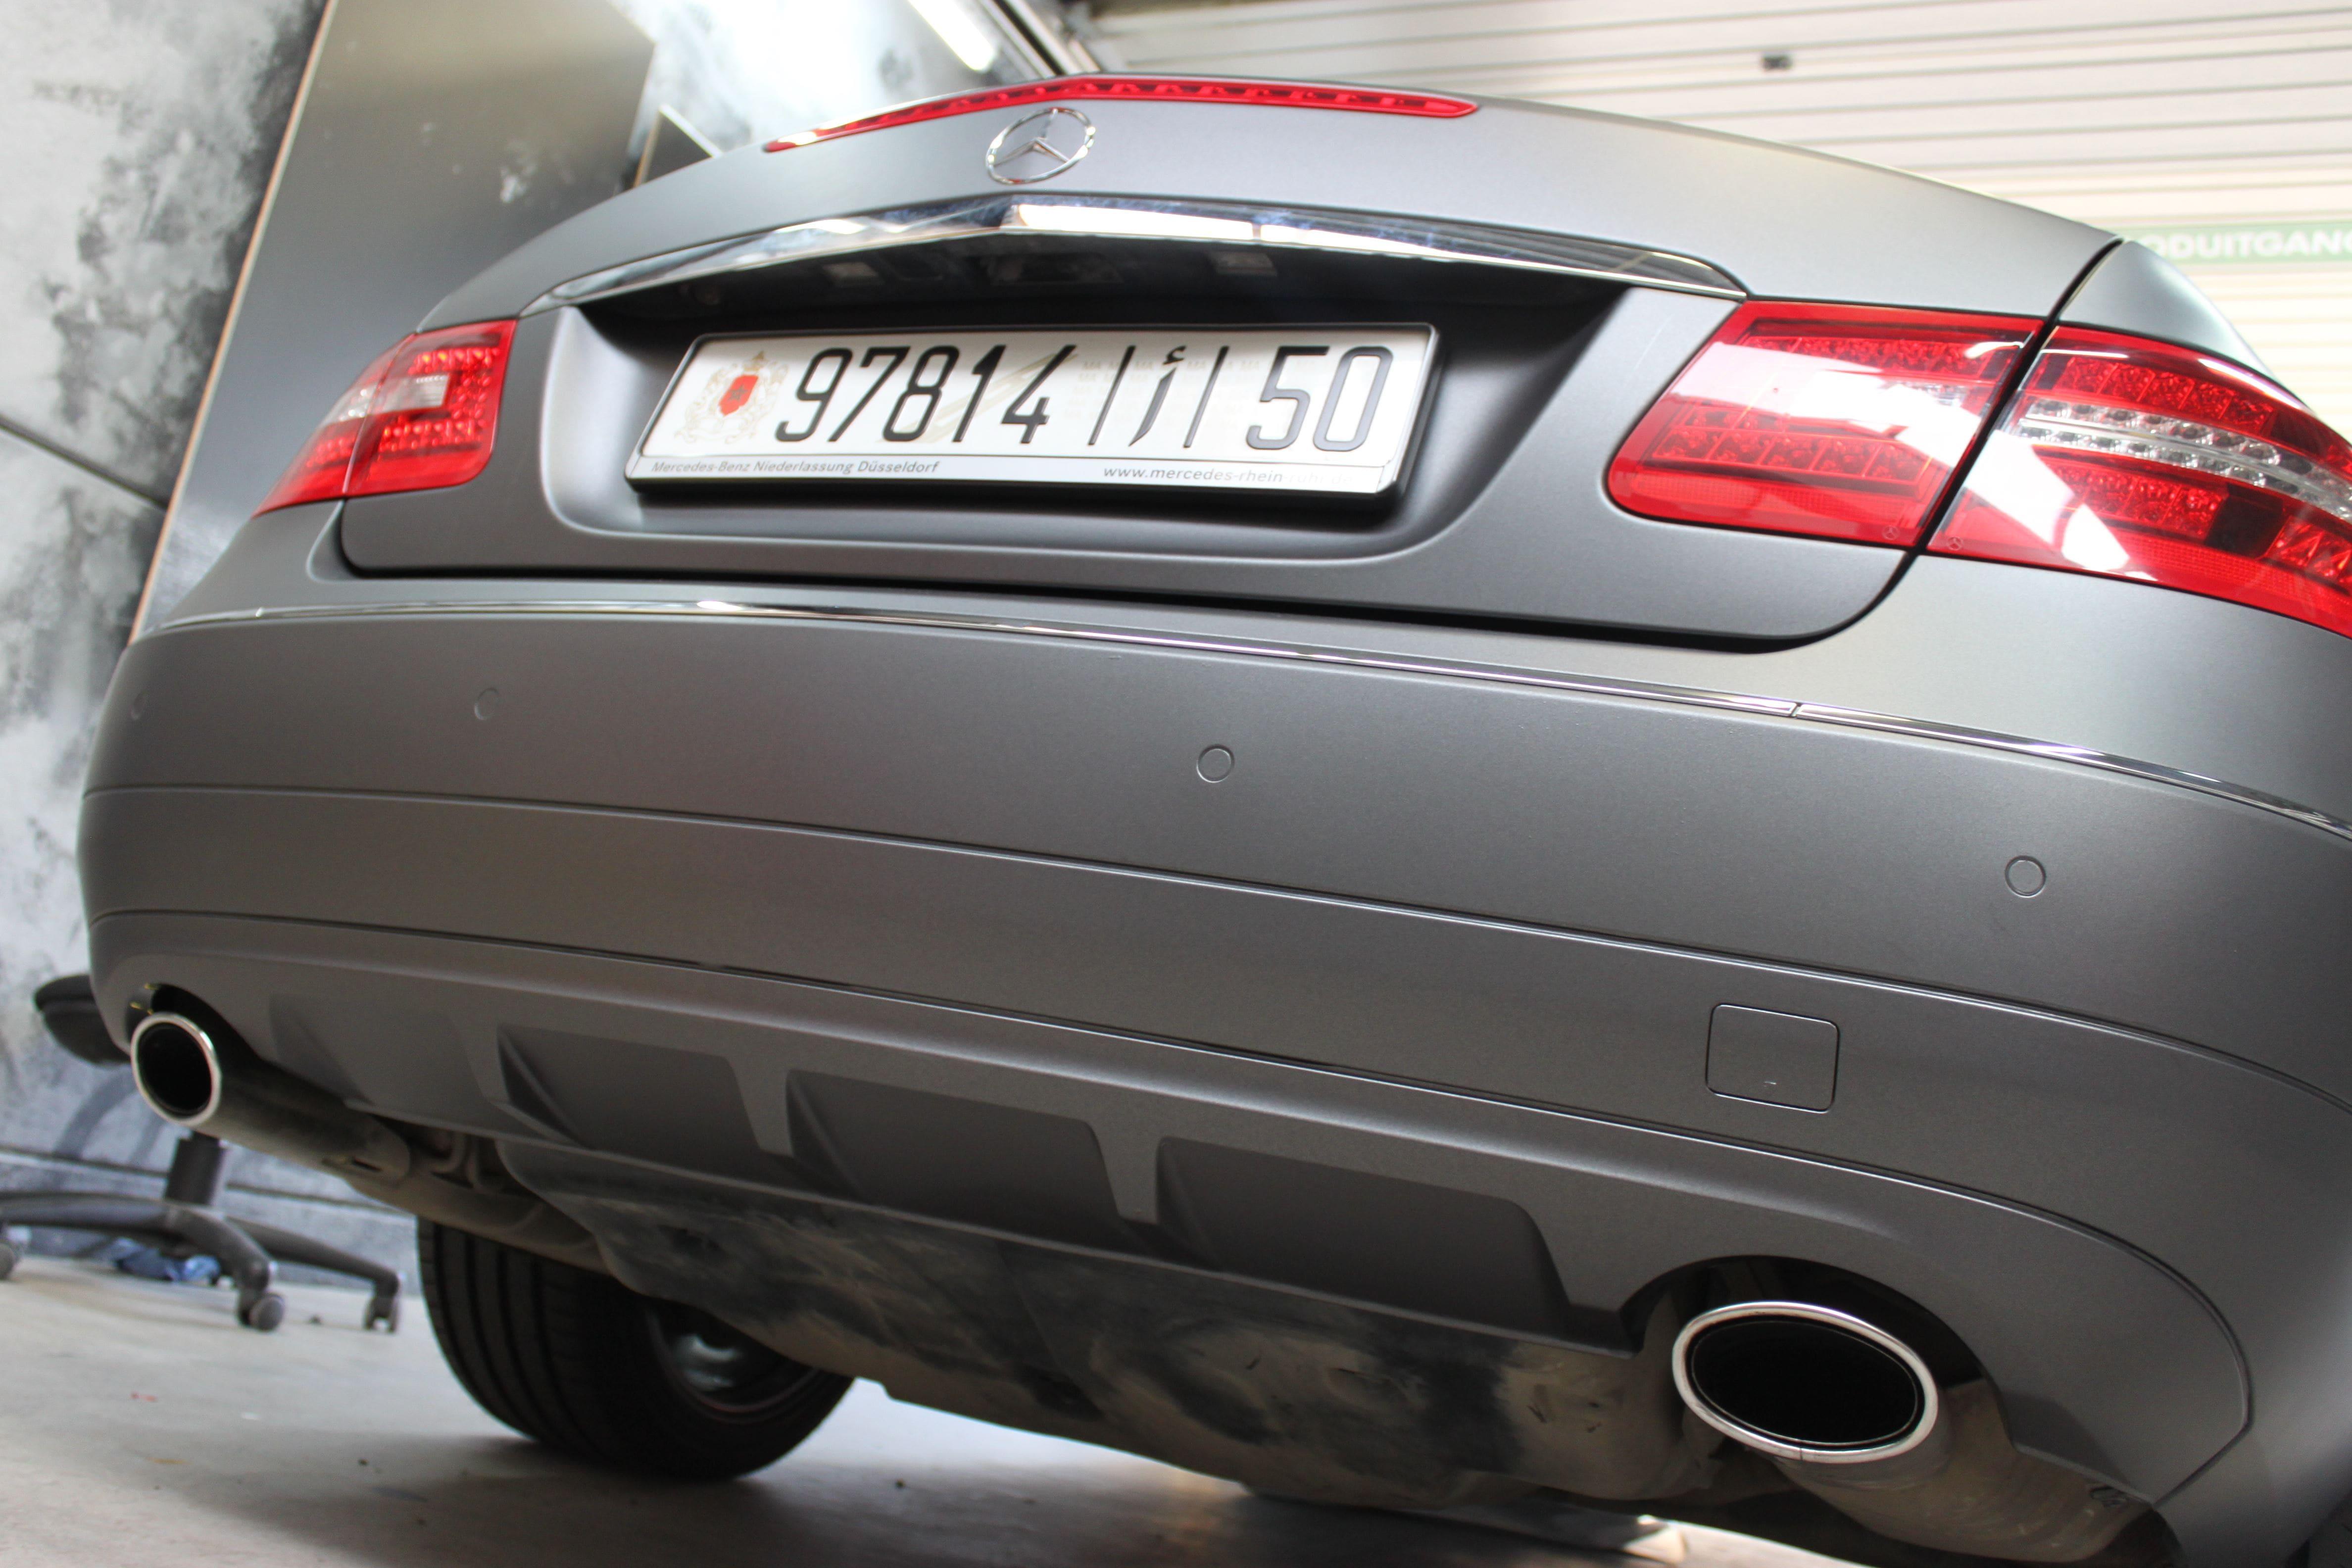 Mercedes E-Klasse Cabrio met Gunpowder Wrap, Carwrapping door Wrapmyride.nu Foto-nr:6254, ©2020